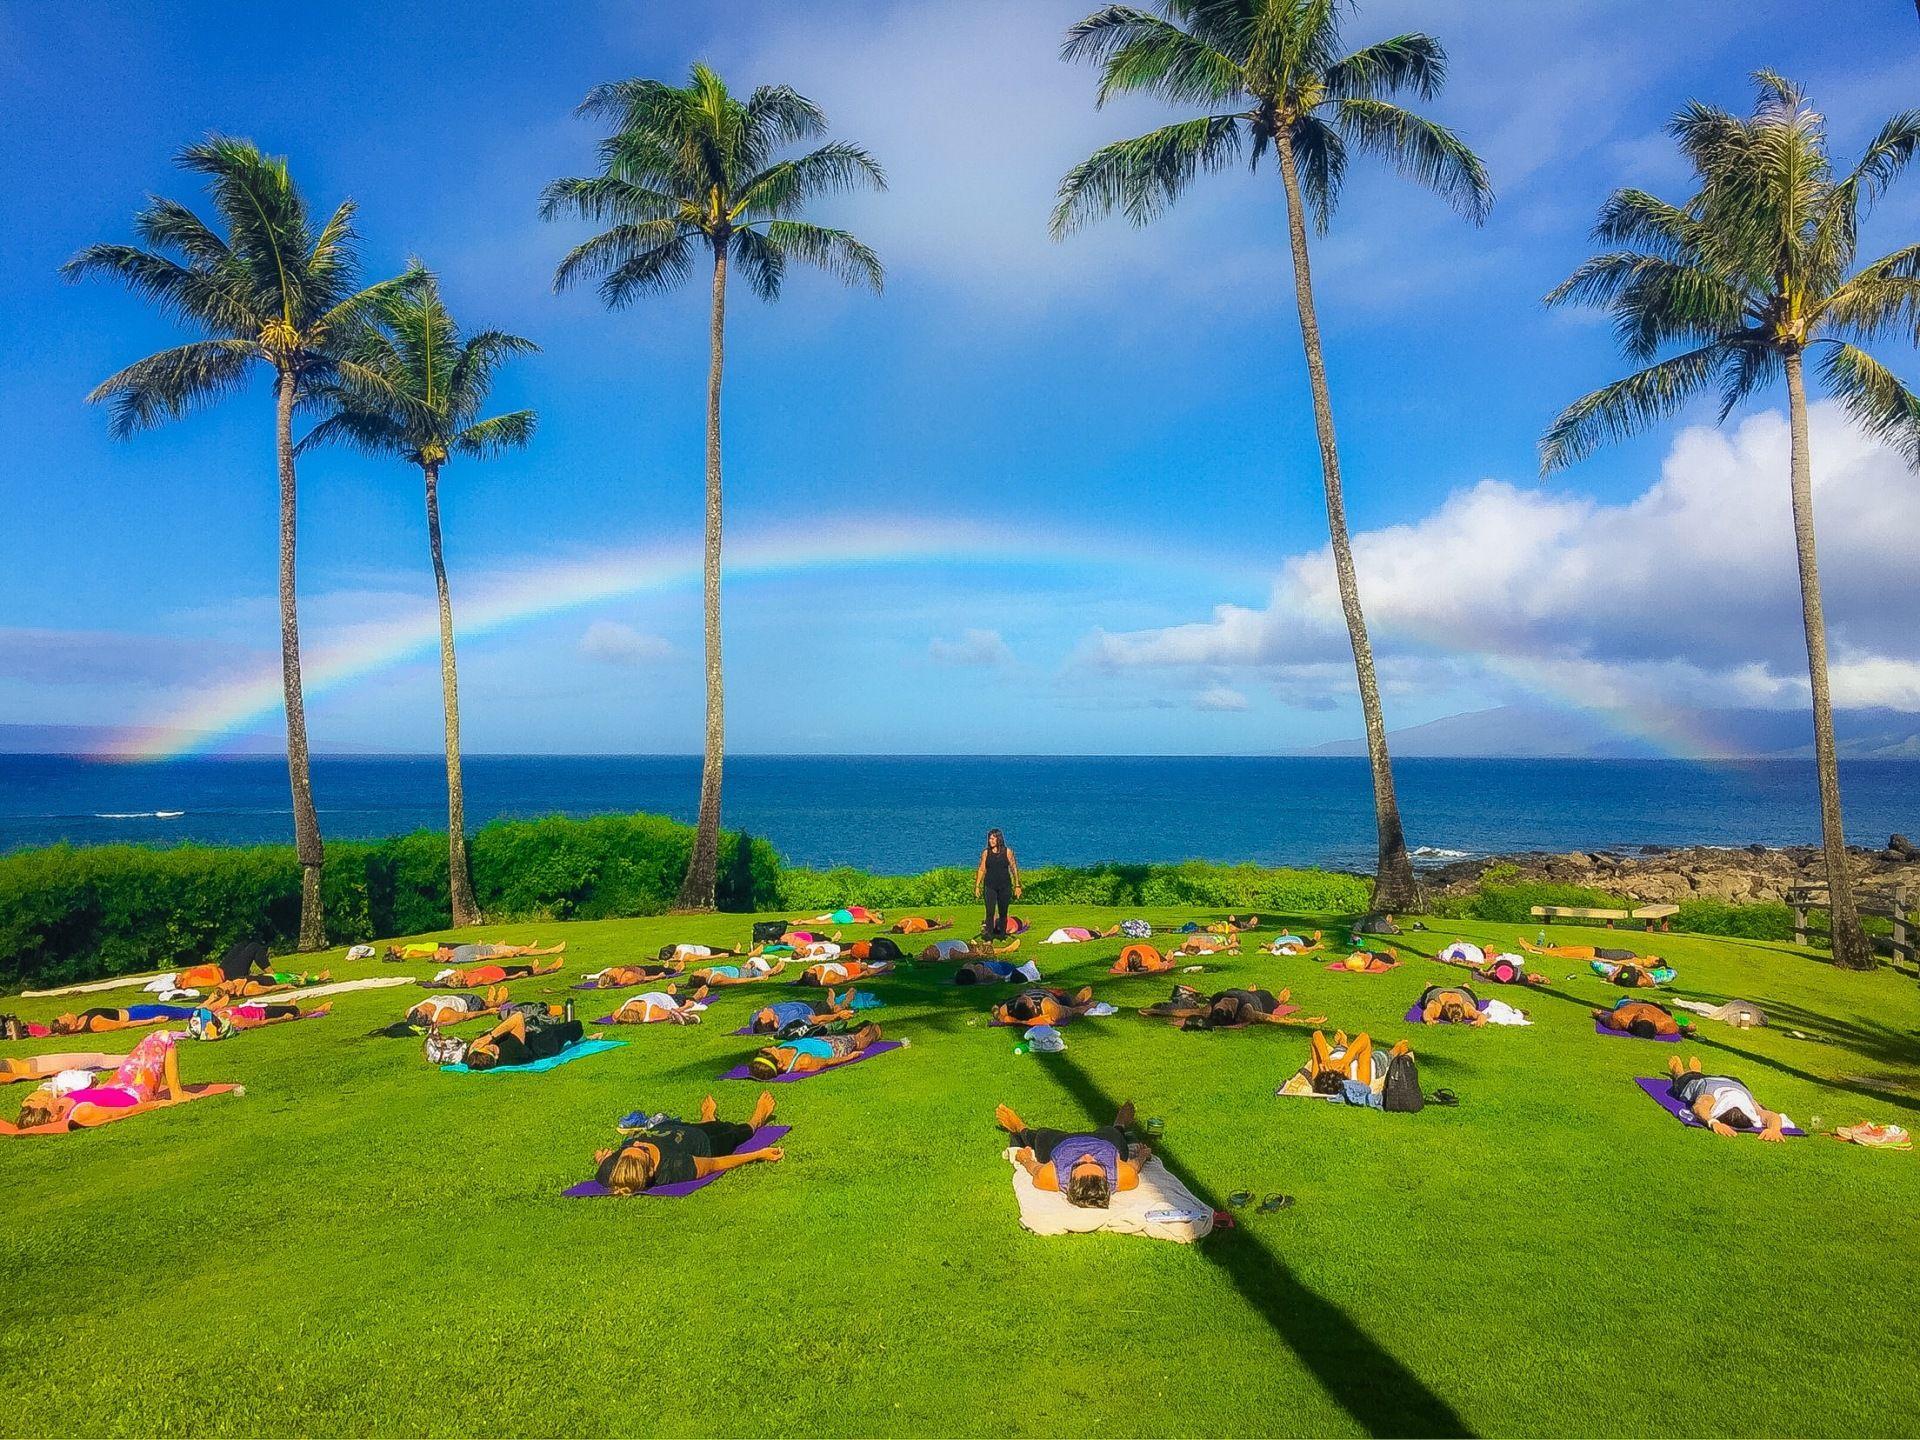 Pin by Maui Hawaii Retreats on Maui Hawaii Retreats